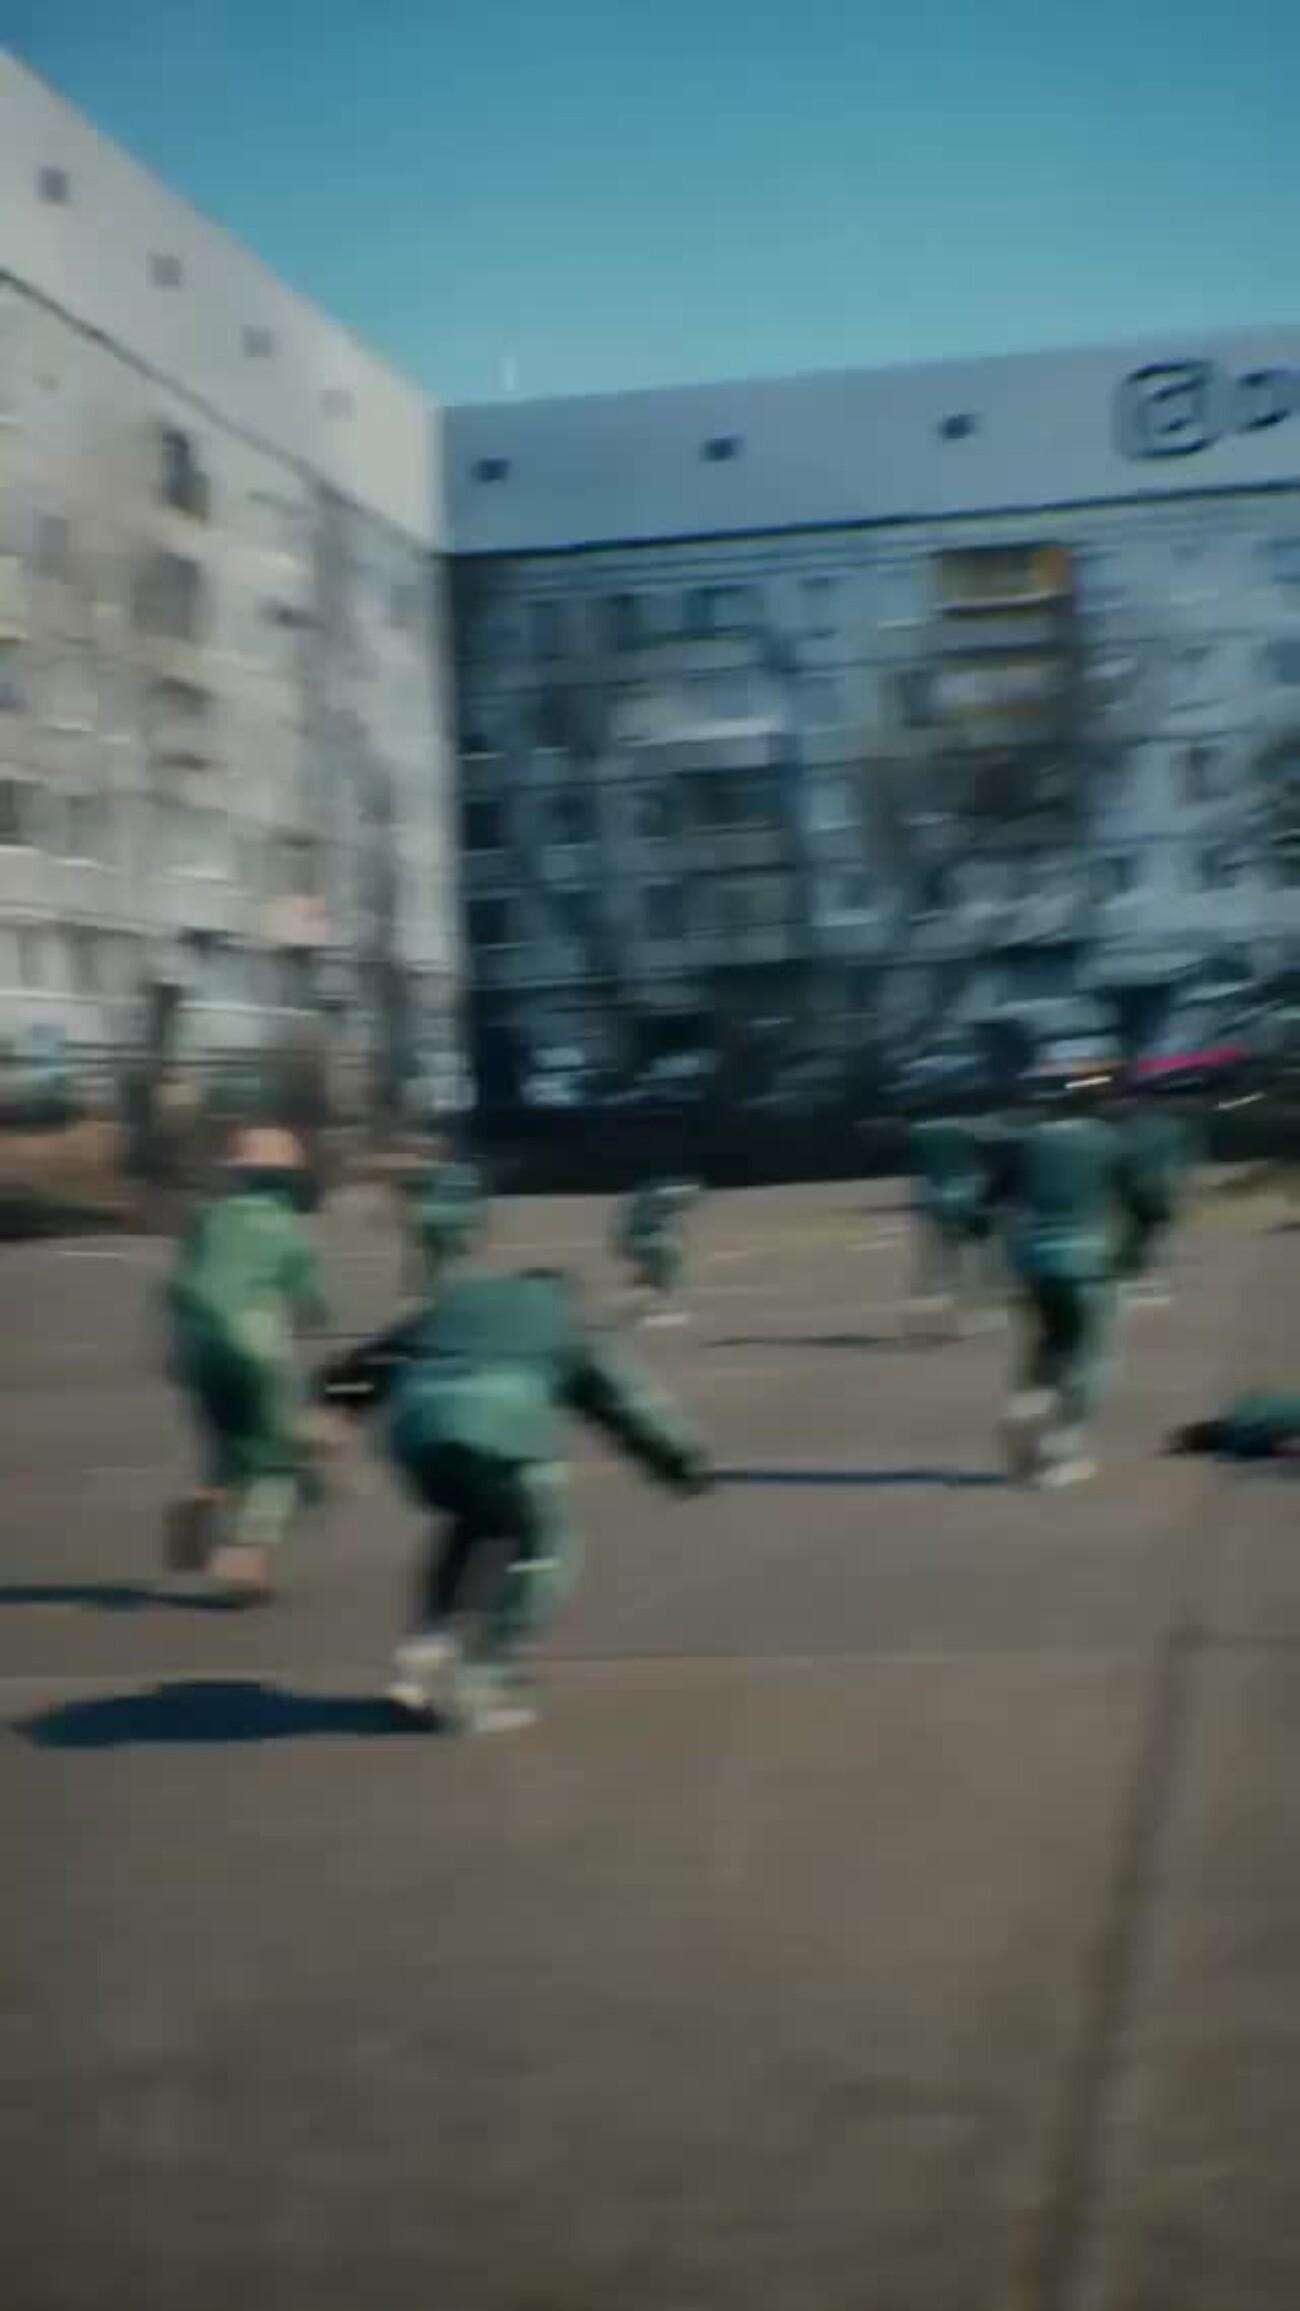 Якутский дизайнер создал российскую версию серии «Игры в кальмара» — с матрёшкой и панельными многоэтажками